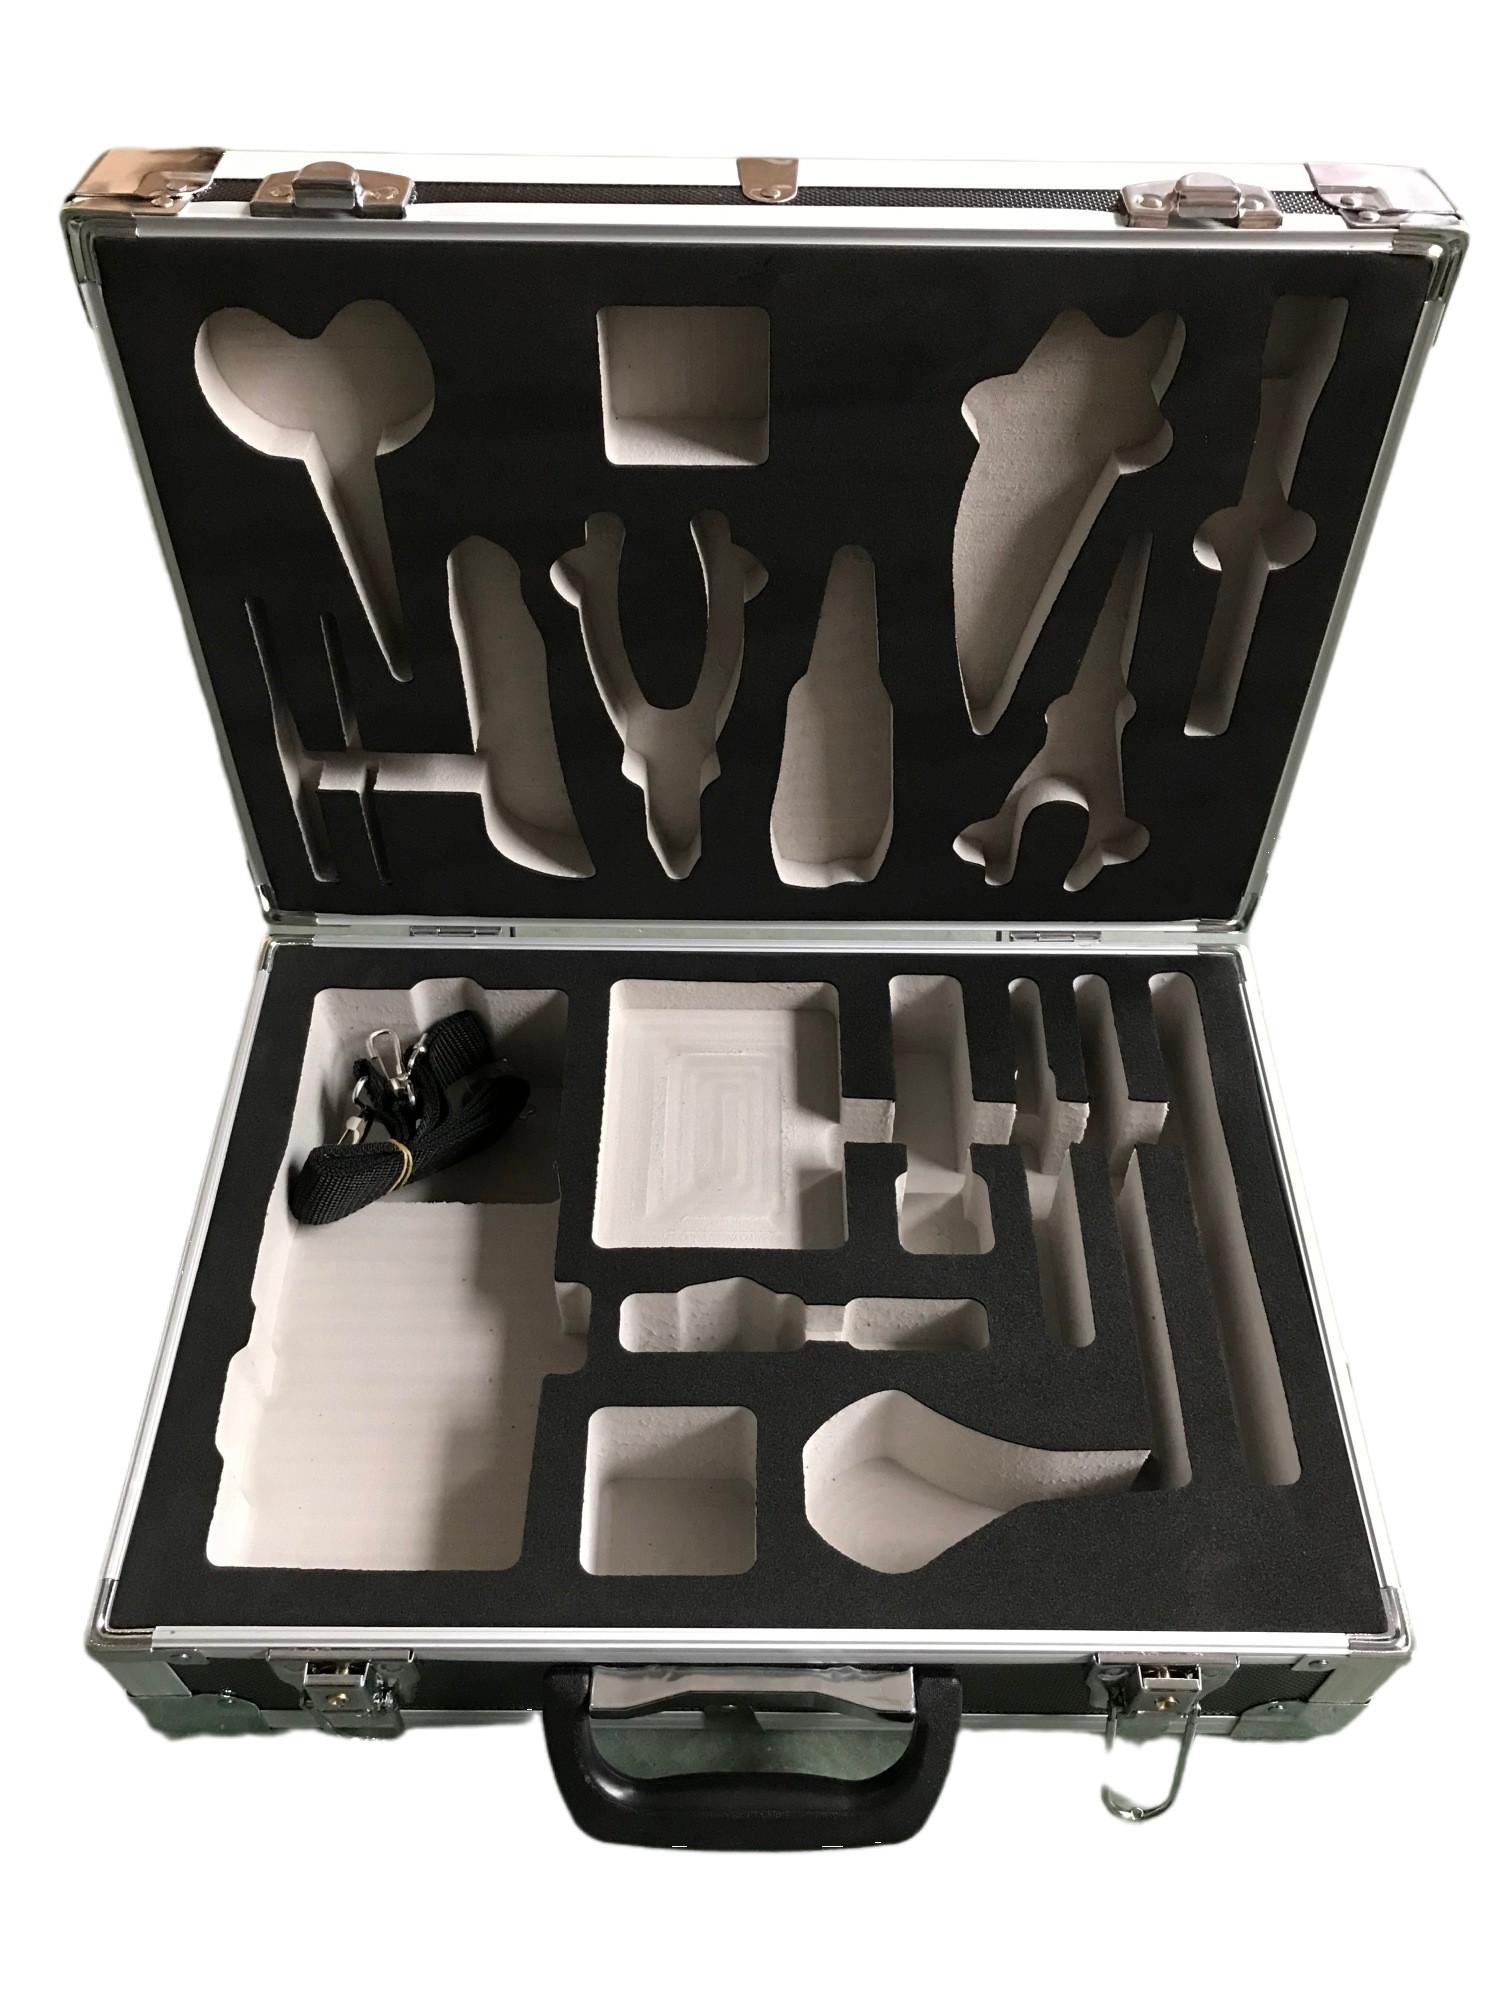 常用工具箱结构